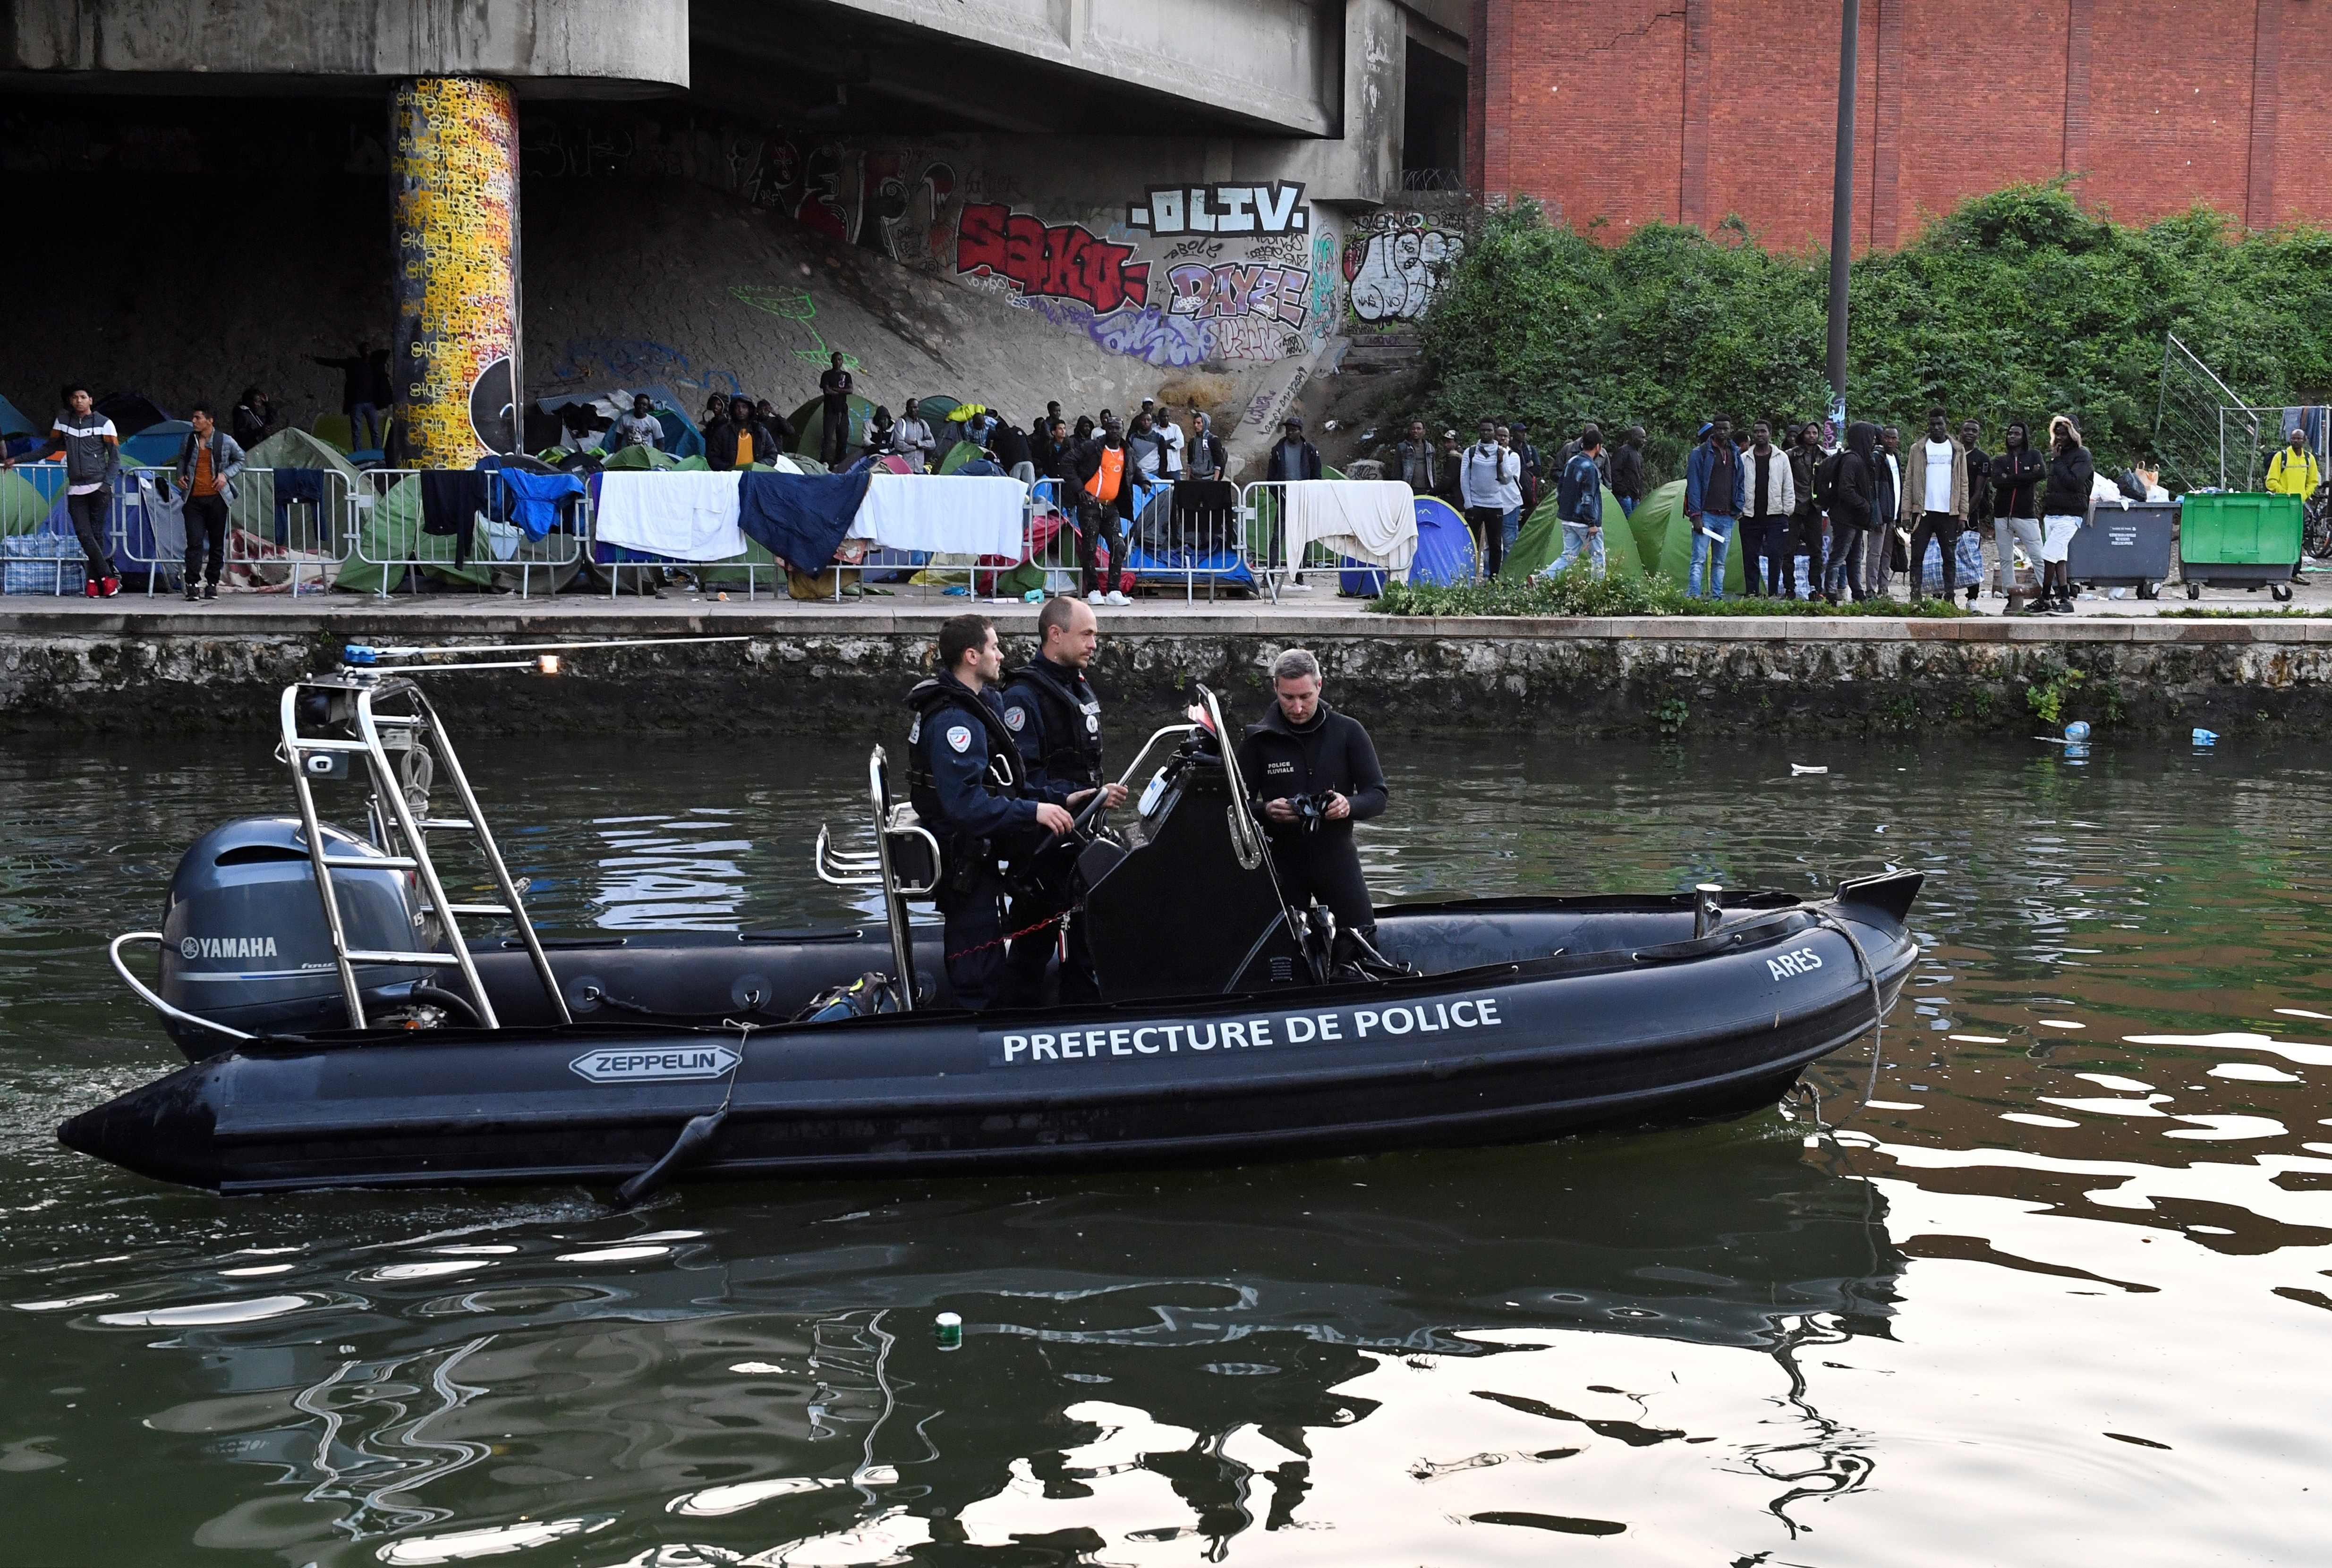 خفر السواحل يتابع اخلاء مخيمات المهاجرين فى باريس